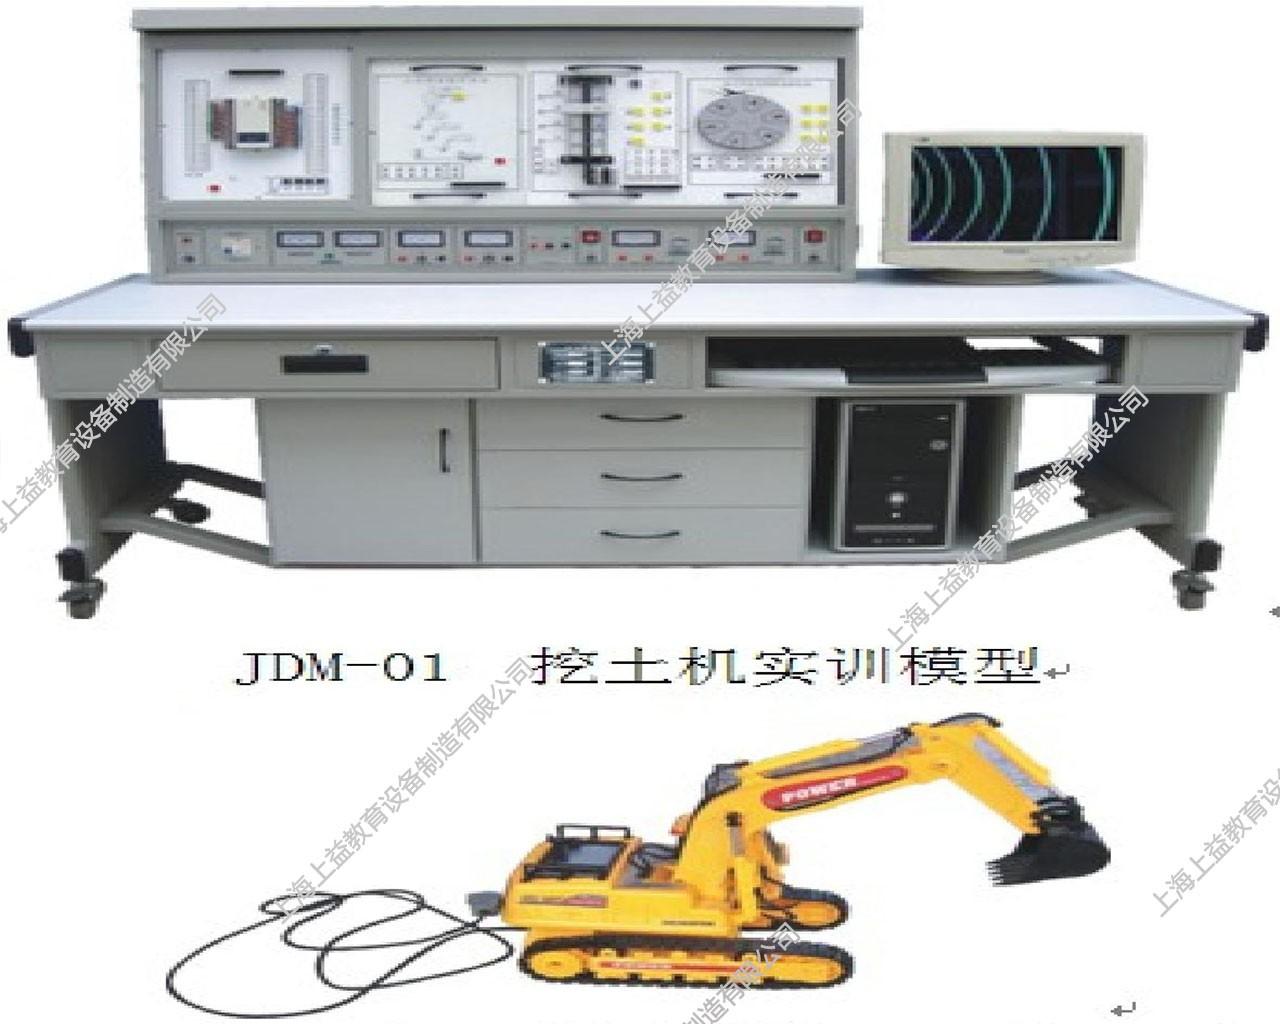 SYPLC-03C 网络型PLC可编程控制器、单片机实验开发系统、自动控制原理综合实验装置